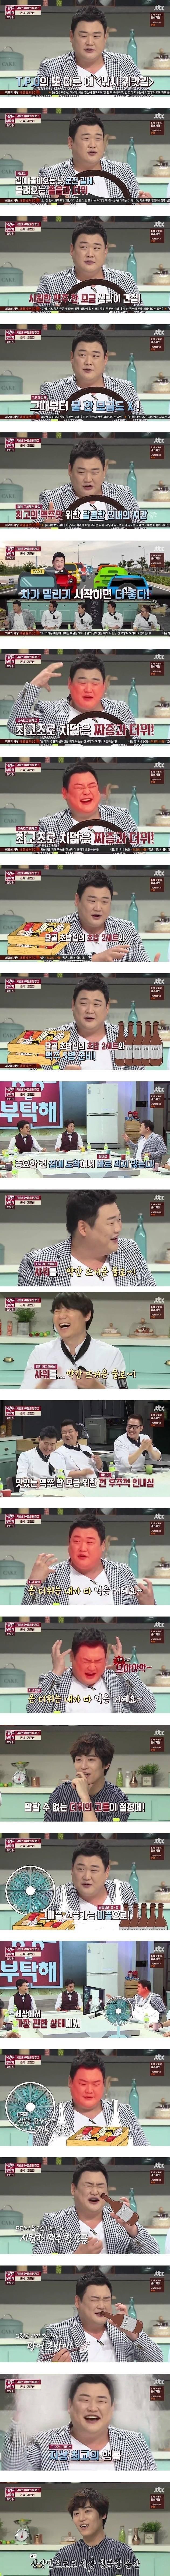 김준현이 말하는 맥주 맛있게 마시는법.JPG | 인스티즈